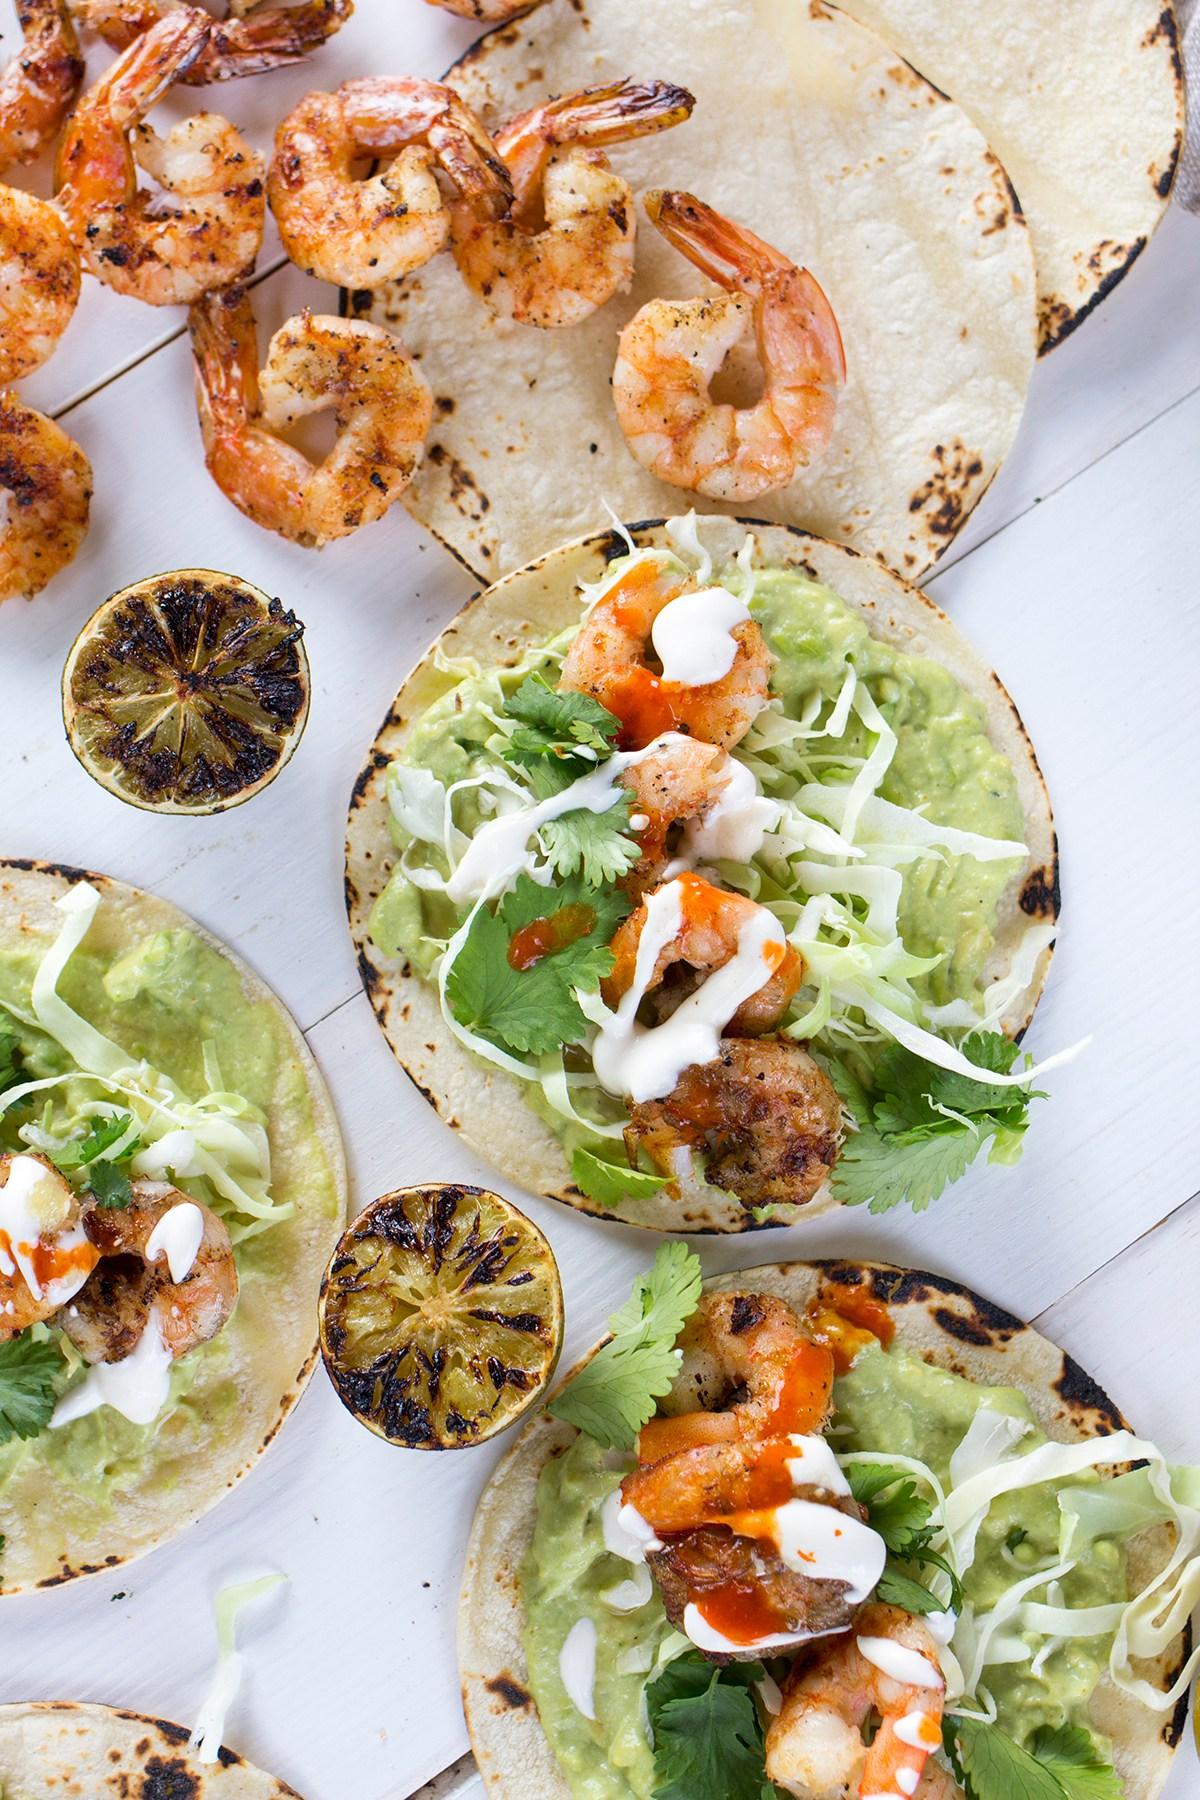 Grilled Shrimp Tacos with Avocado Crema from freutcake.com on foodiecrush.com